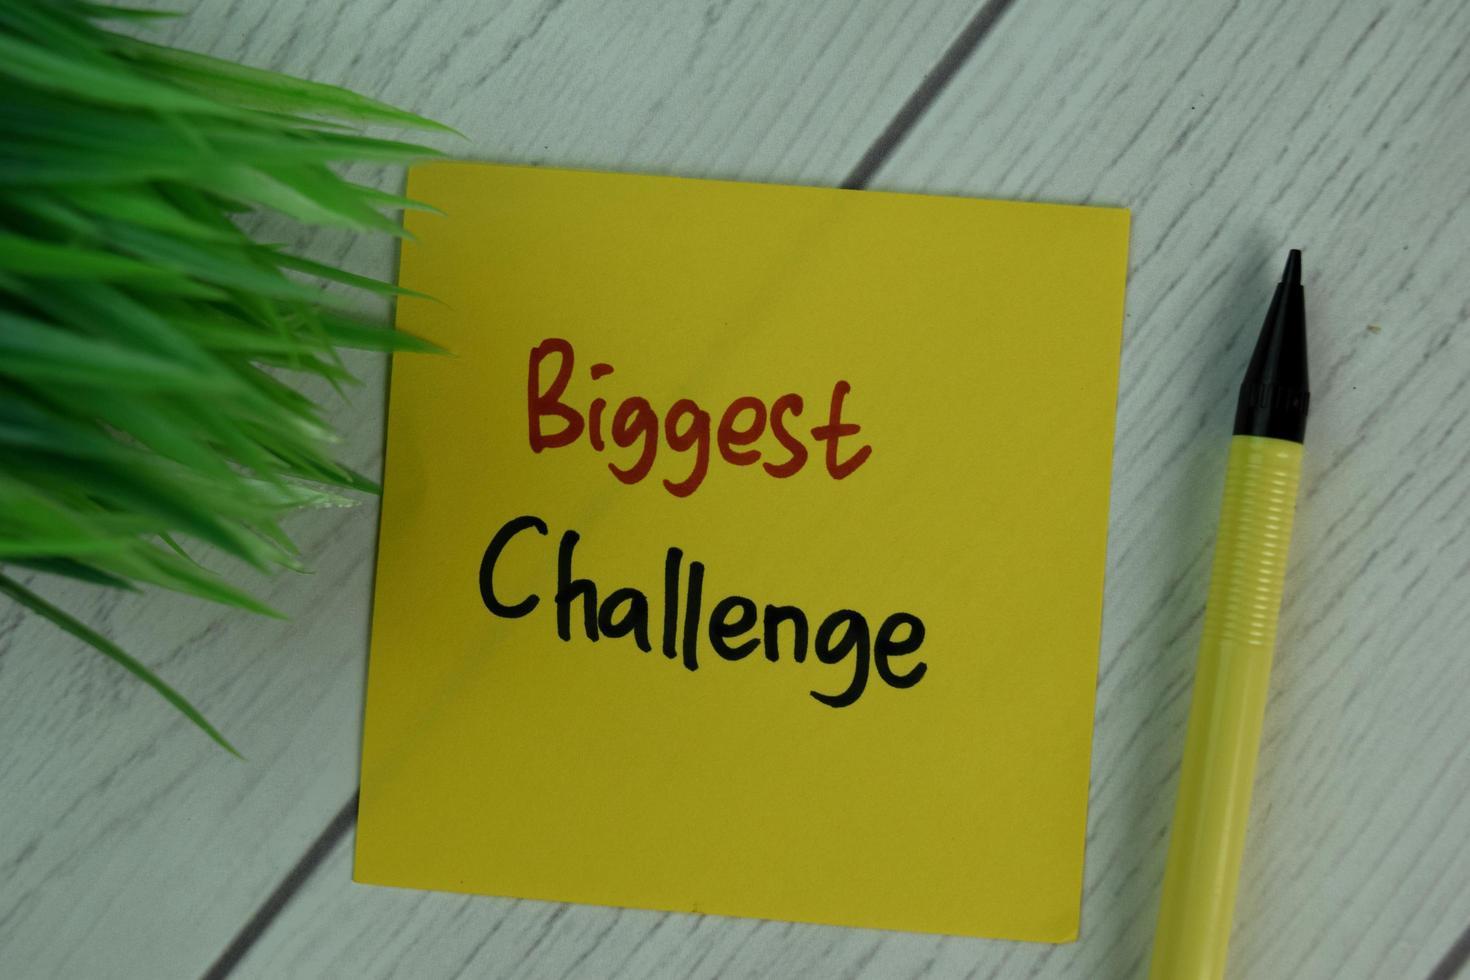 größte Herausforderung geschrieben auf Haftnotiz isoliert auf Holztisch foto